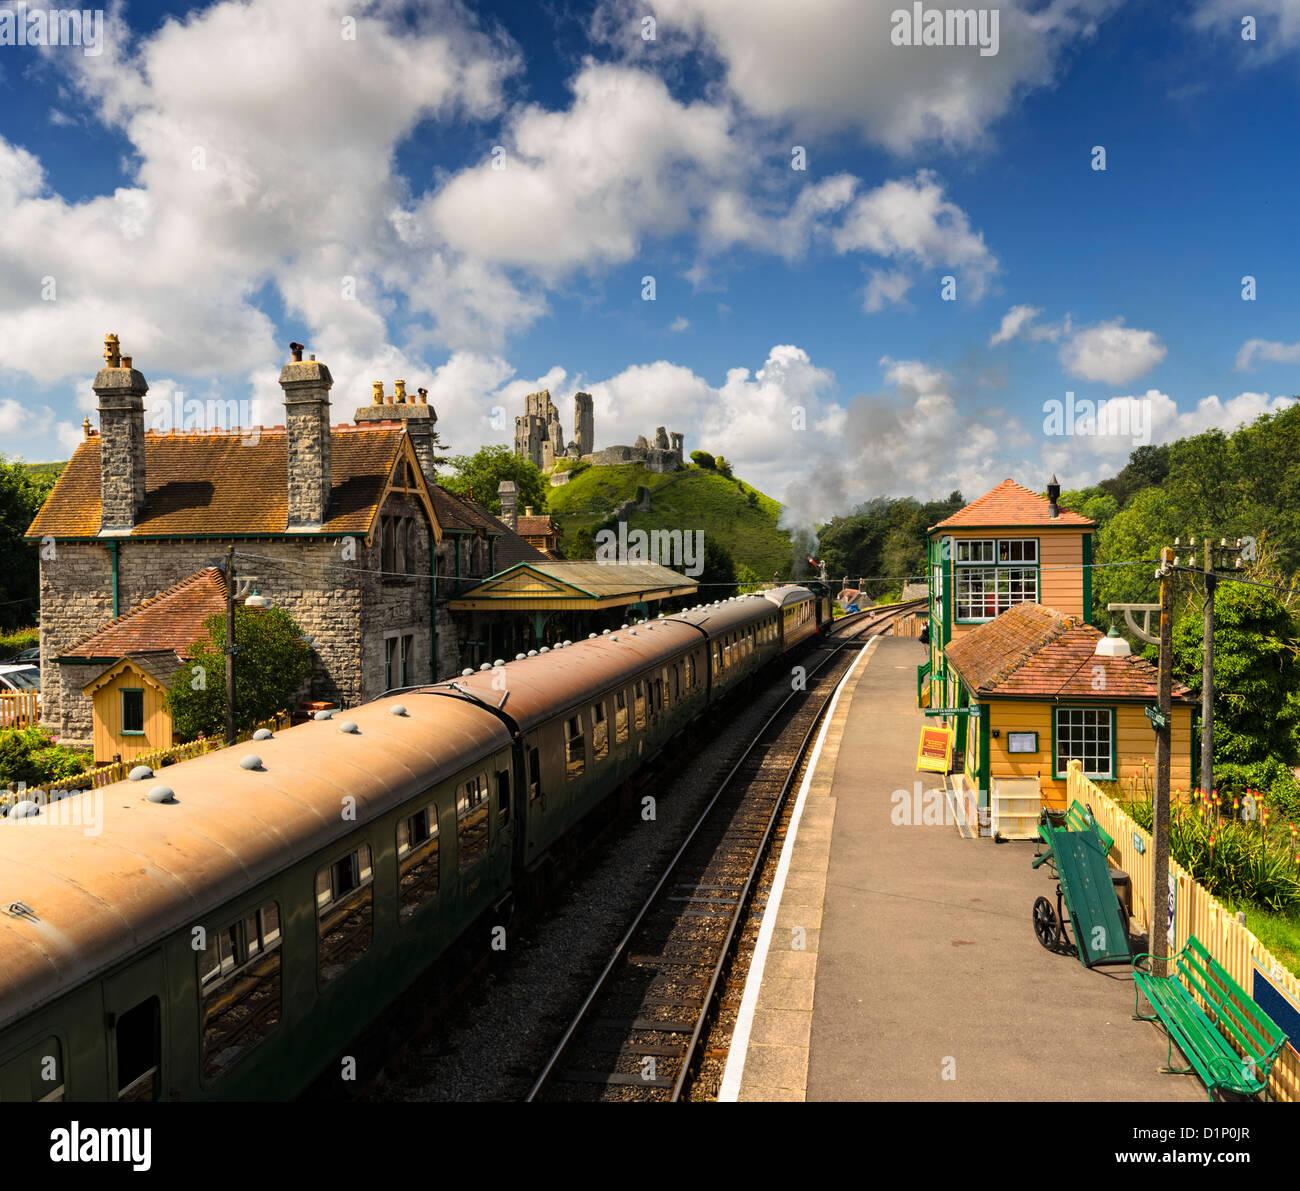 Ein Dampfzug zieht dem Bahnhof in Corfe Castle in Dorset Stockbild